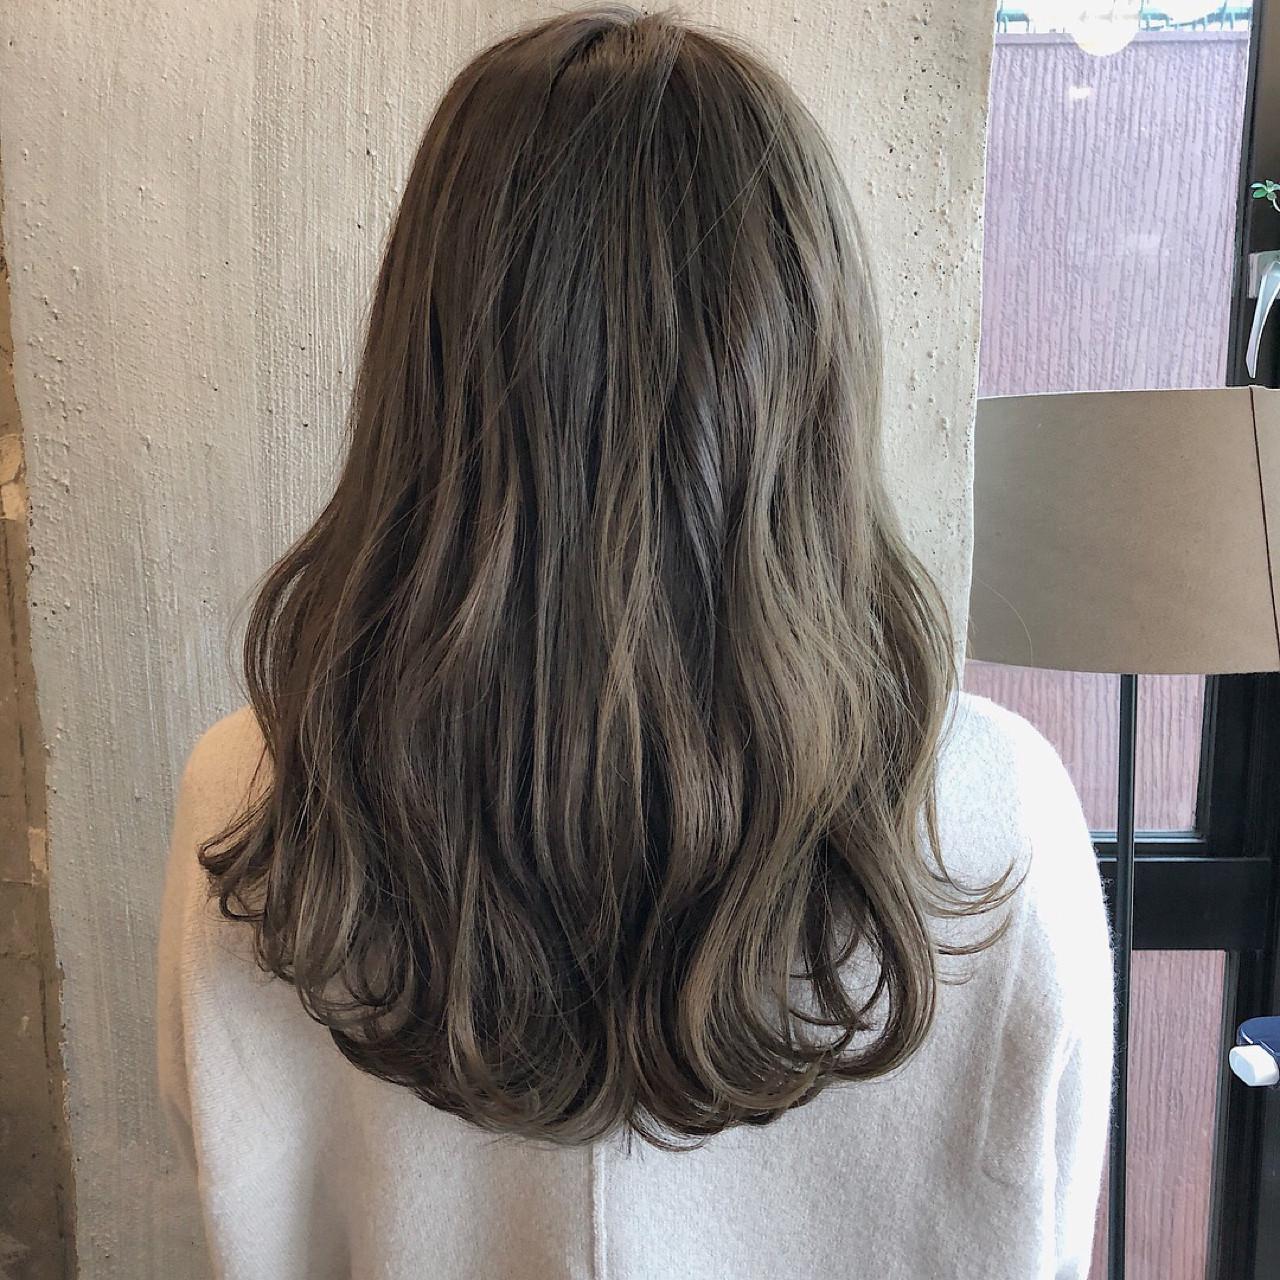 透明感 外国人風カラー 夏 オフィス ヘアスタイルや髪型の写真・画像